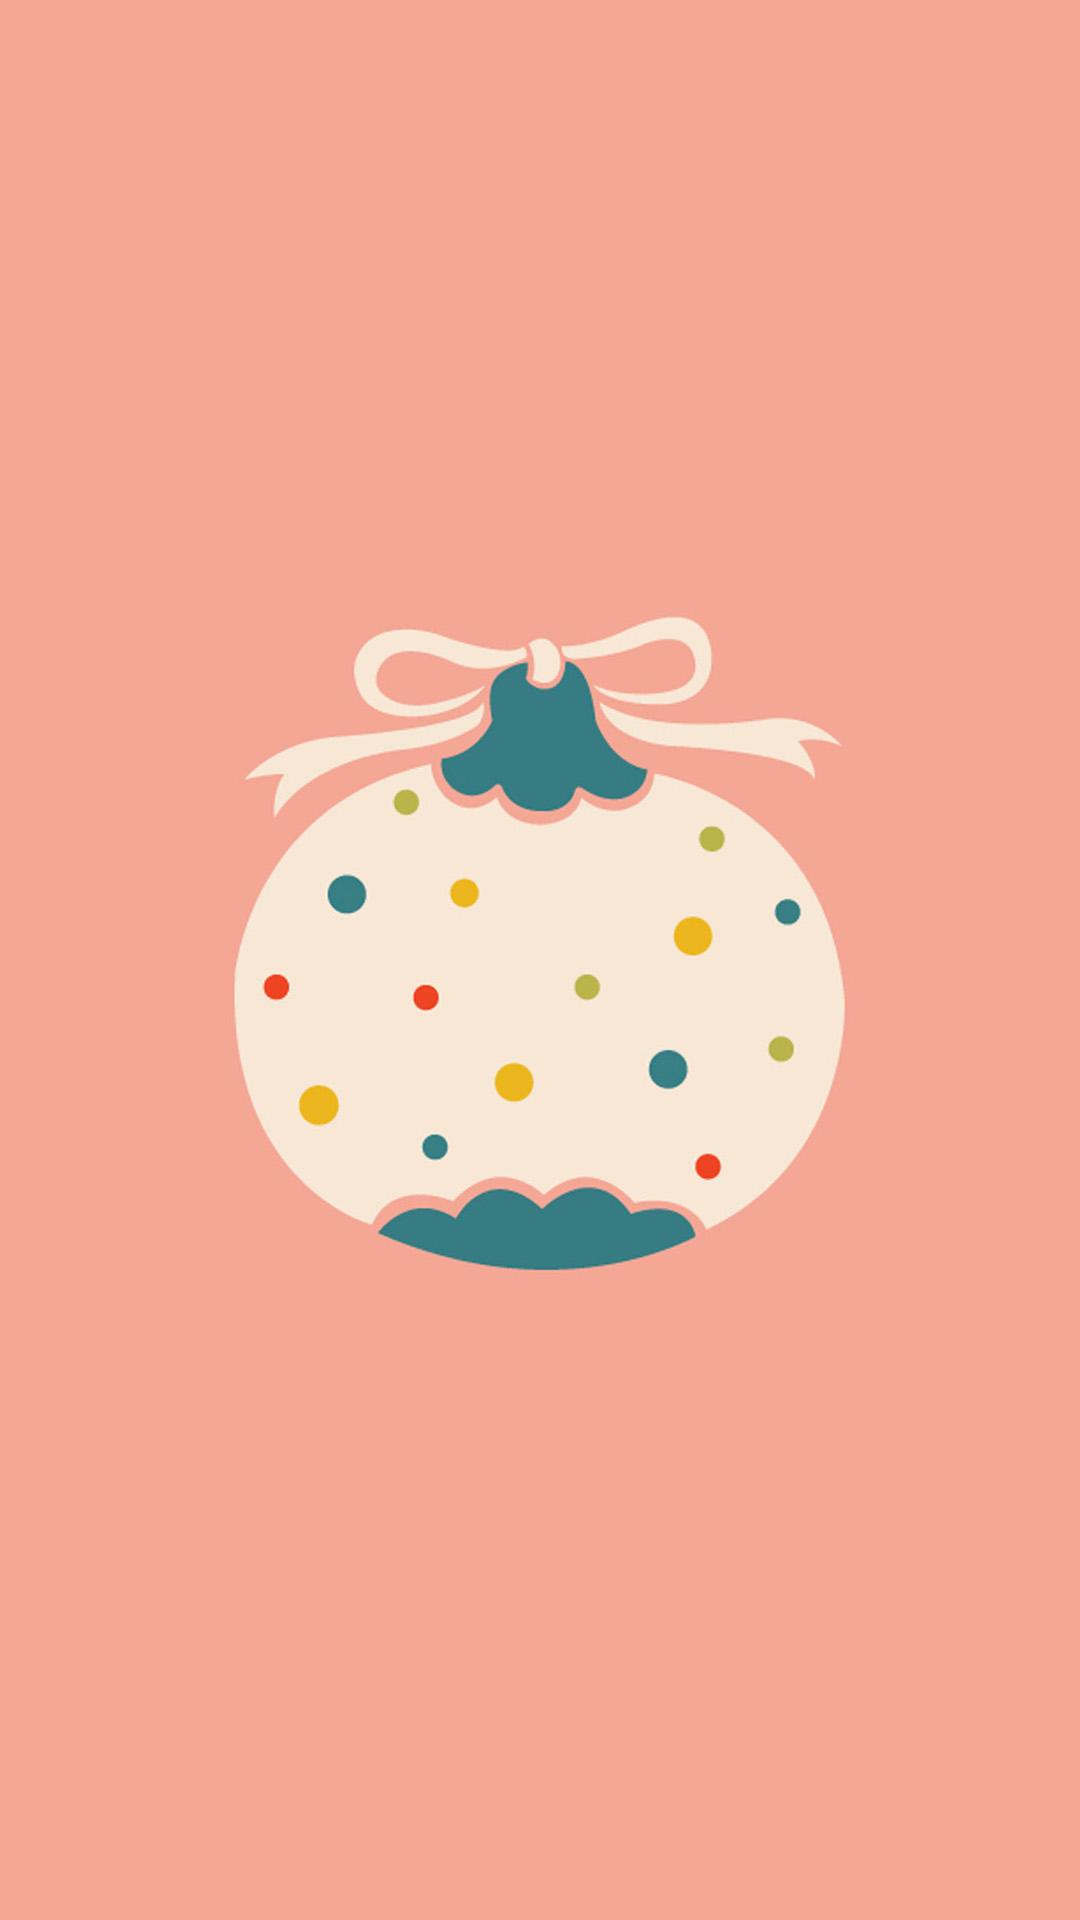 christmas 2 - 50 ảnh nền Giáng Sinh cực dễ thương cho điện thoại